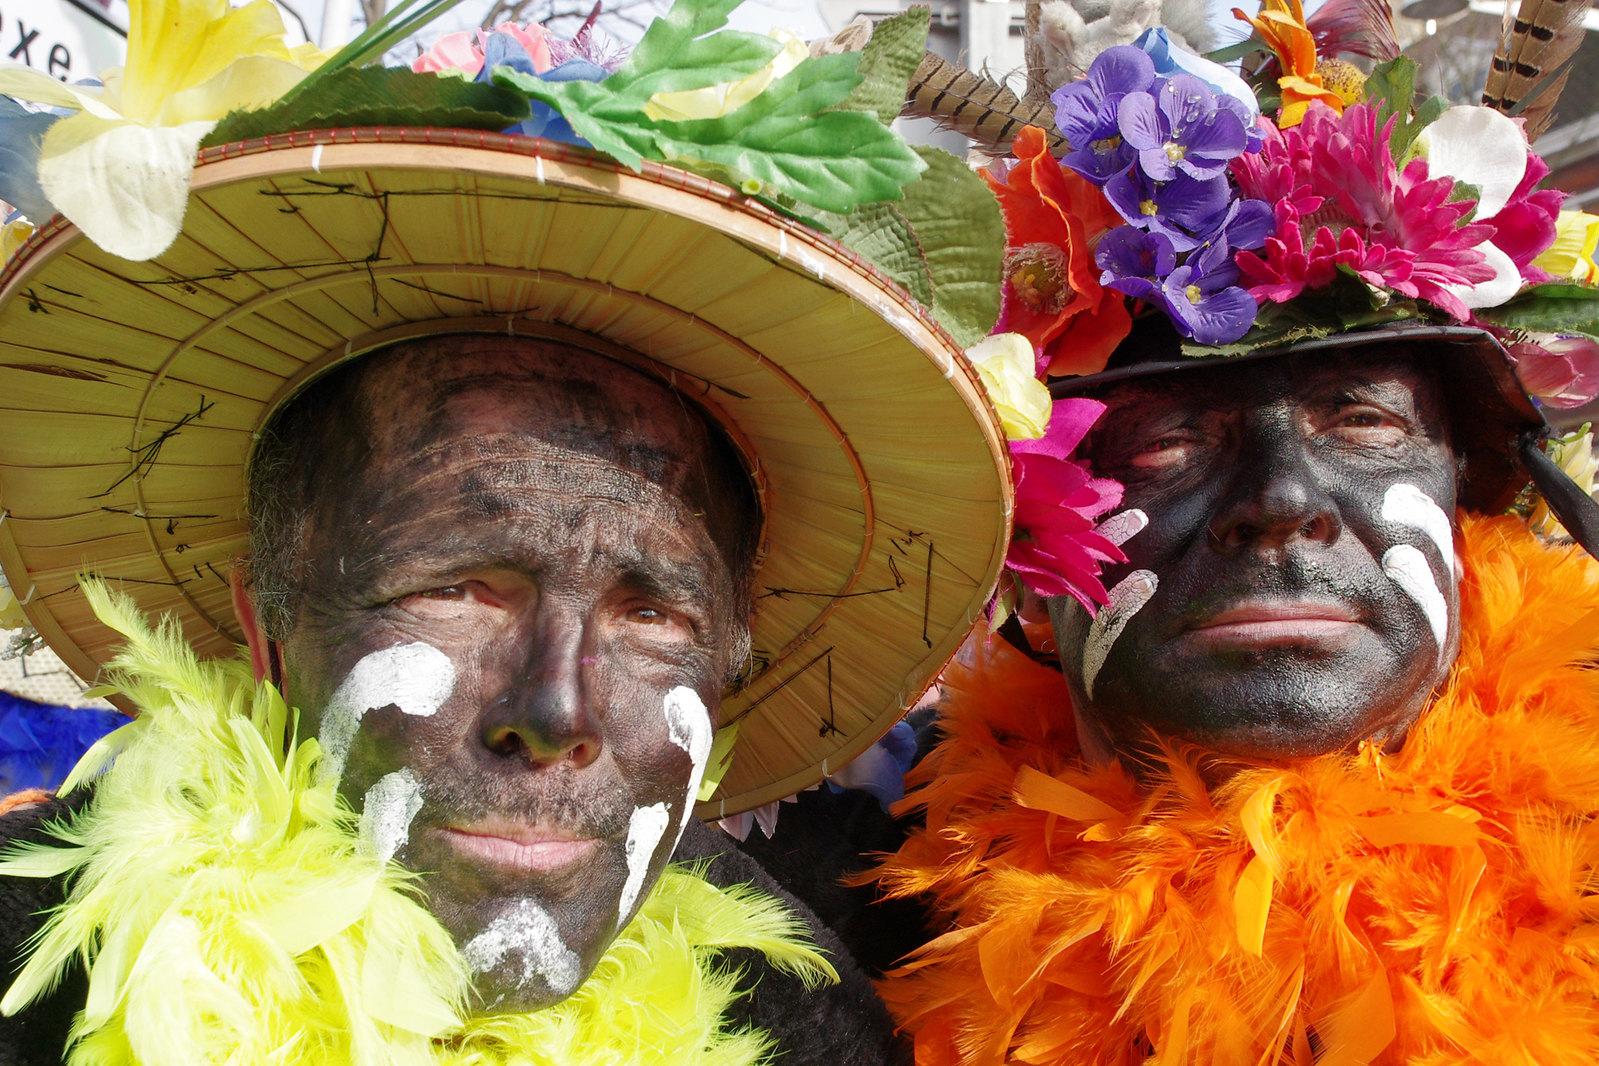 Carnaval de Dunkerque - le maquillage tape à l'oeil des carnavaleux